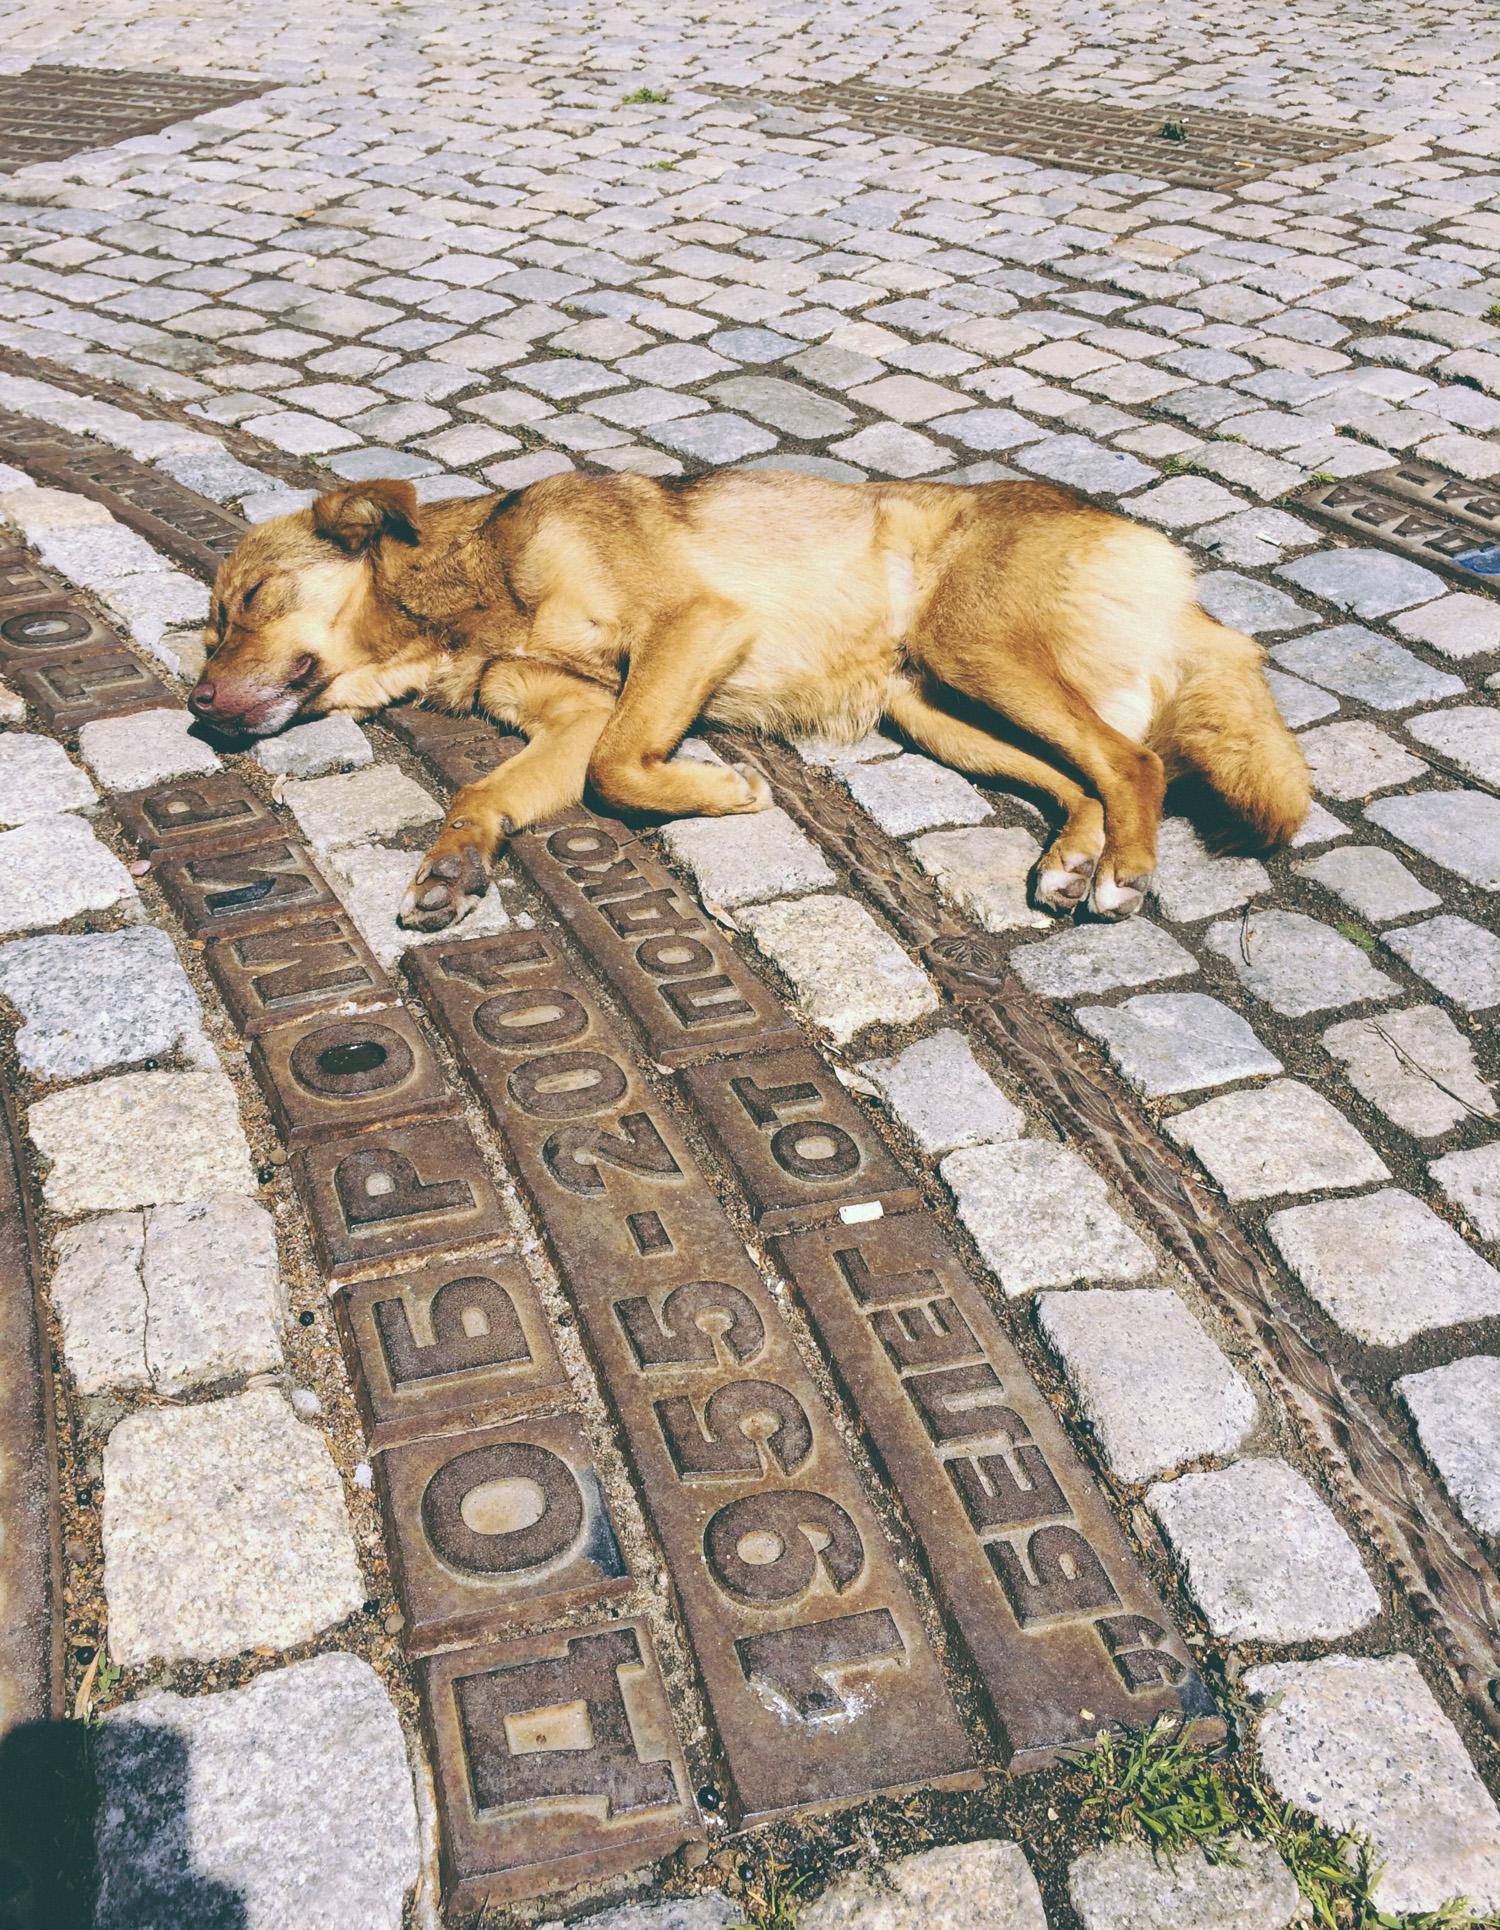 dogslife-2.jpg